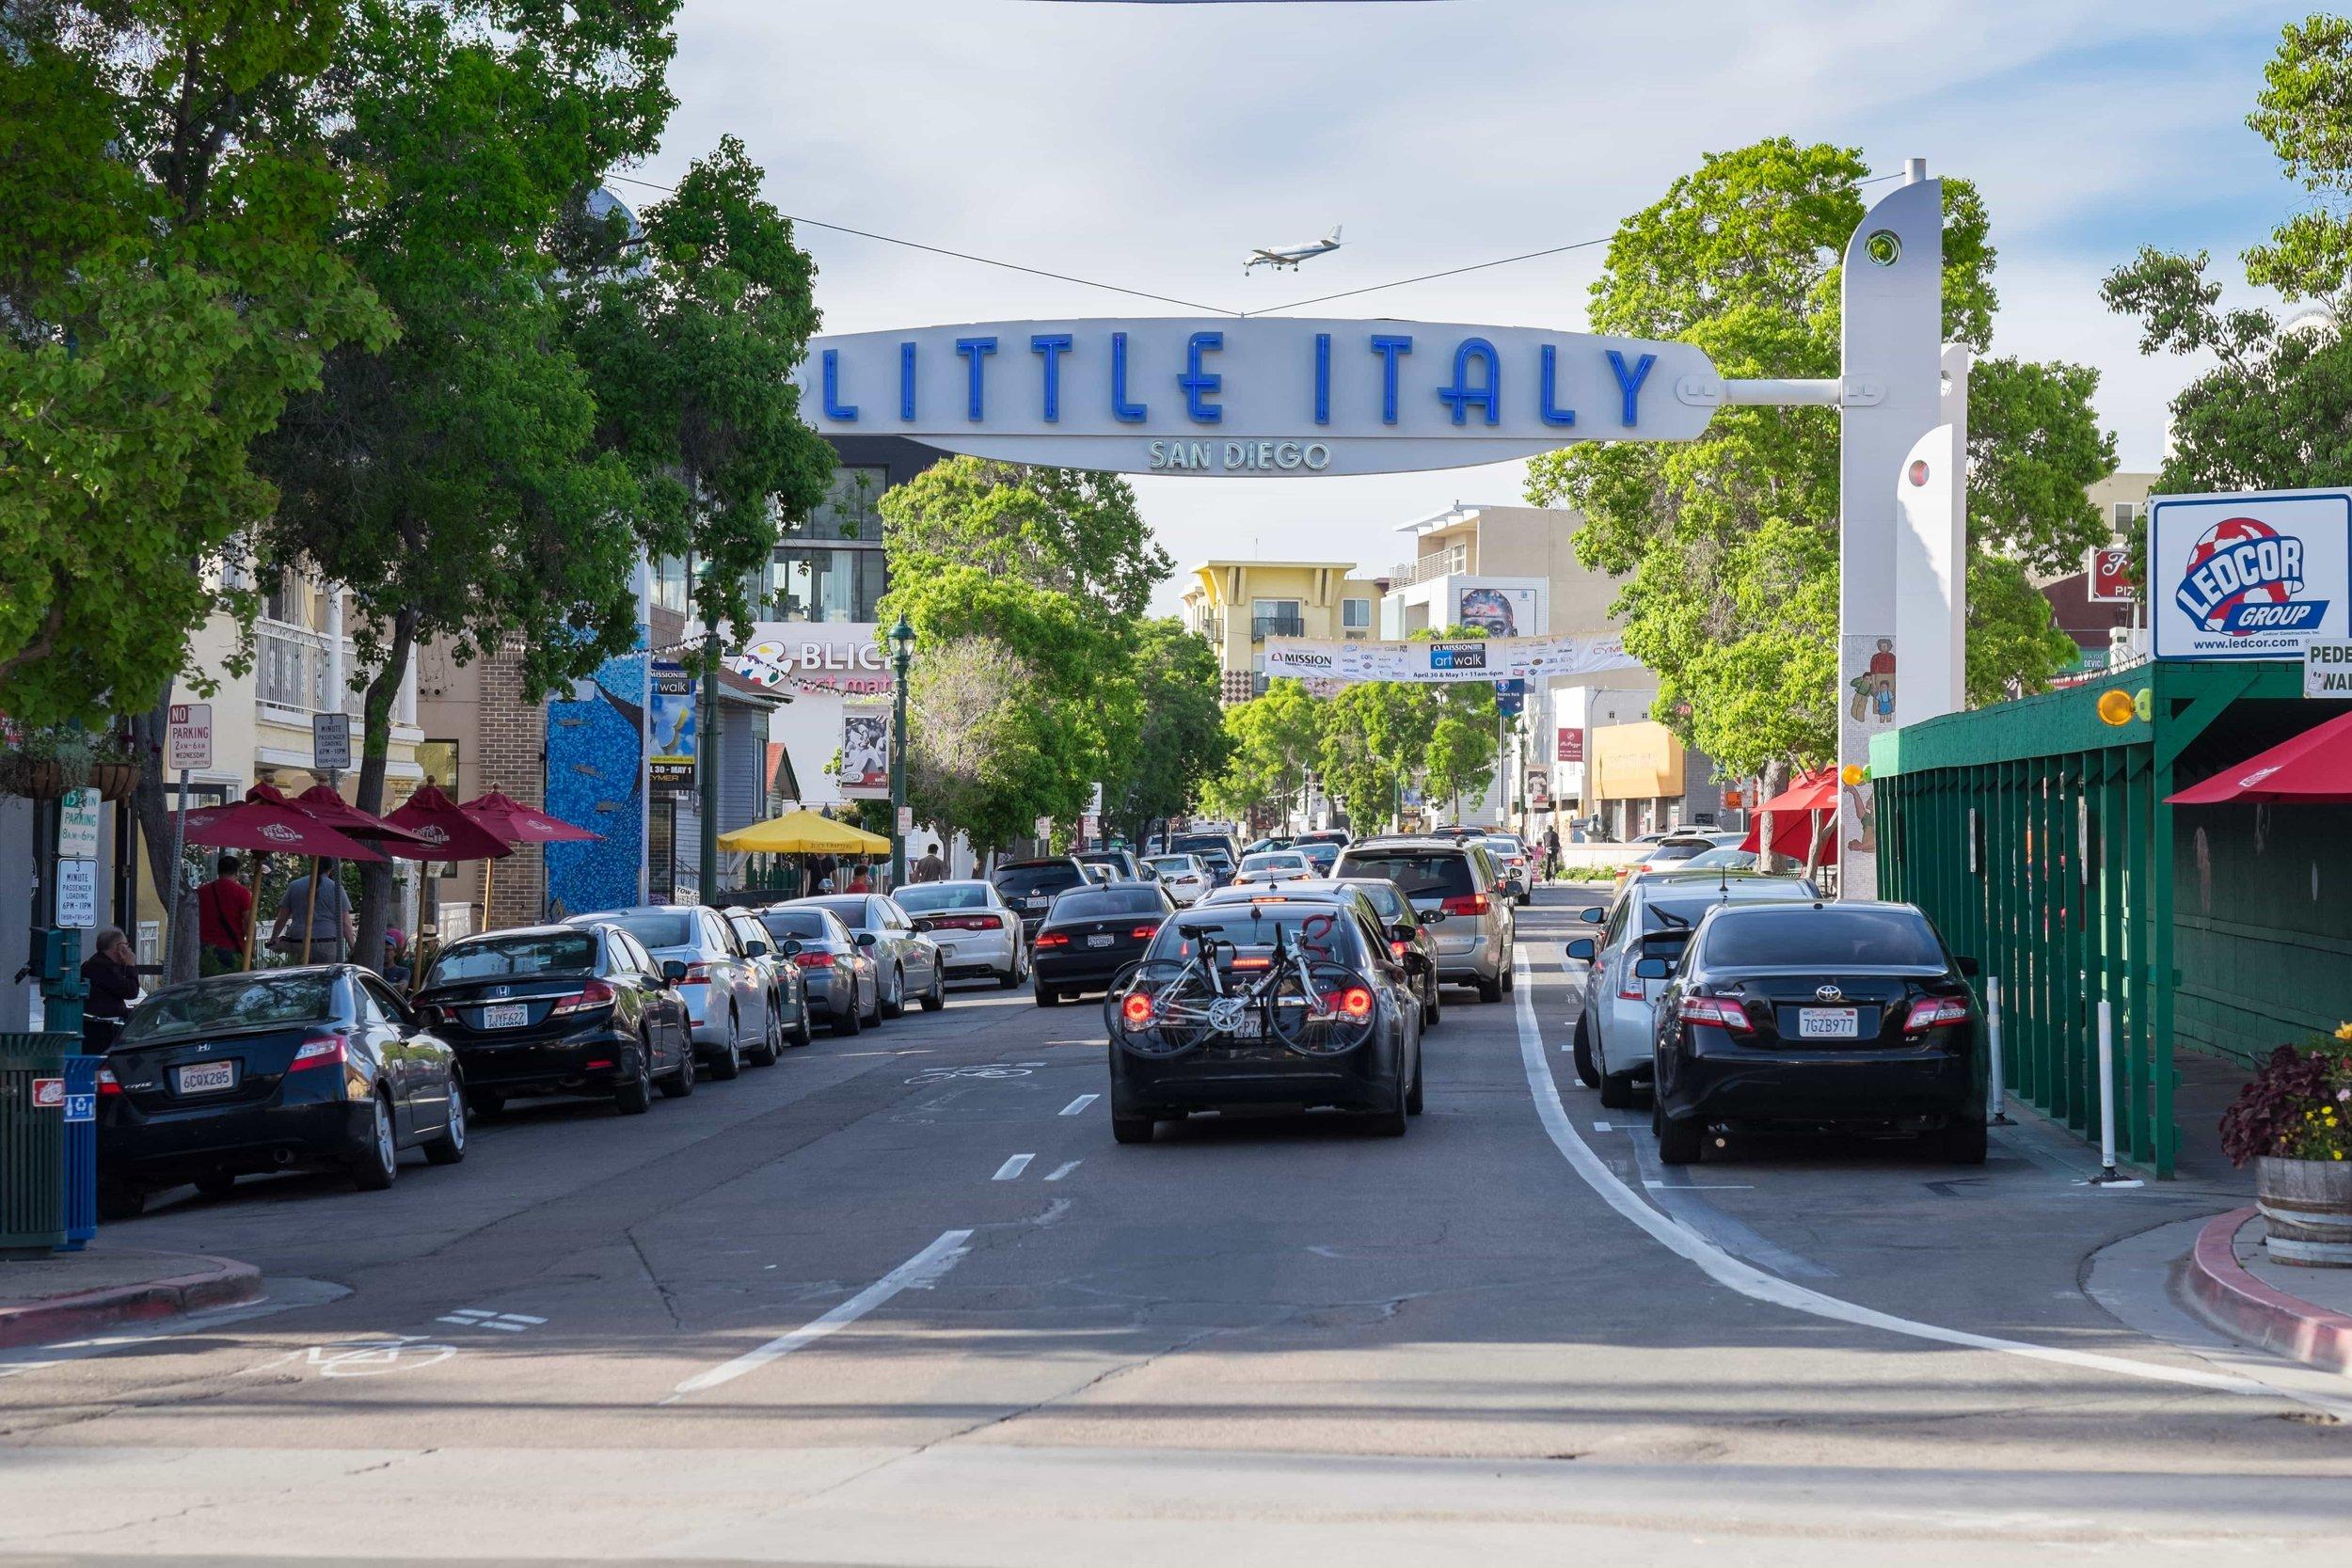 puerto-la-boca-welcome-to-little-italy-sign.jpg